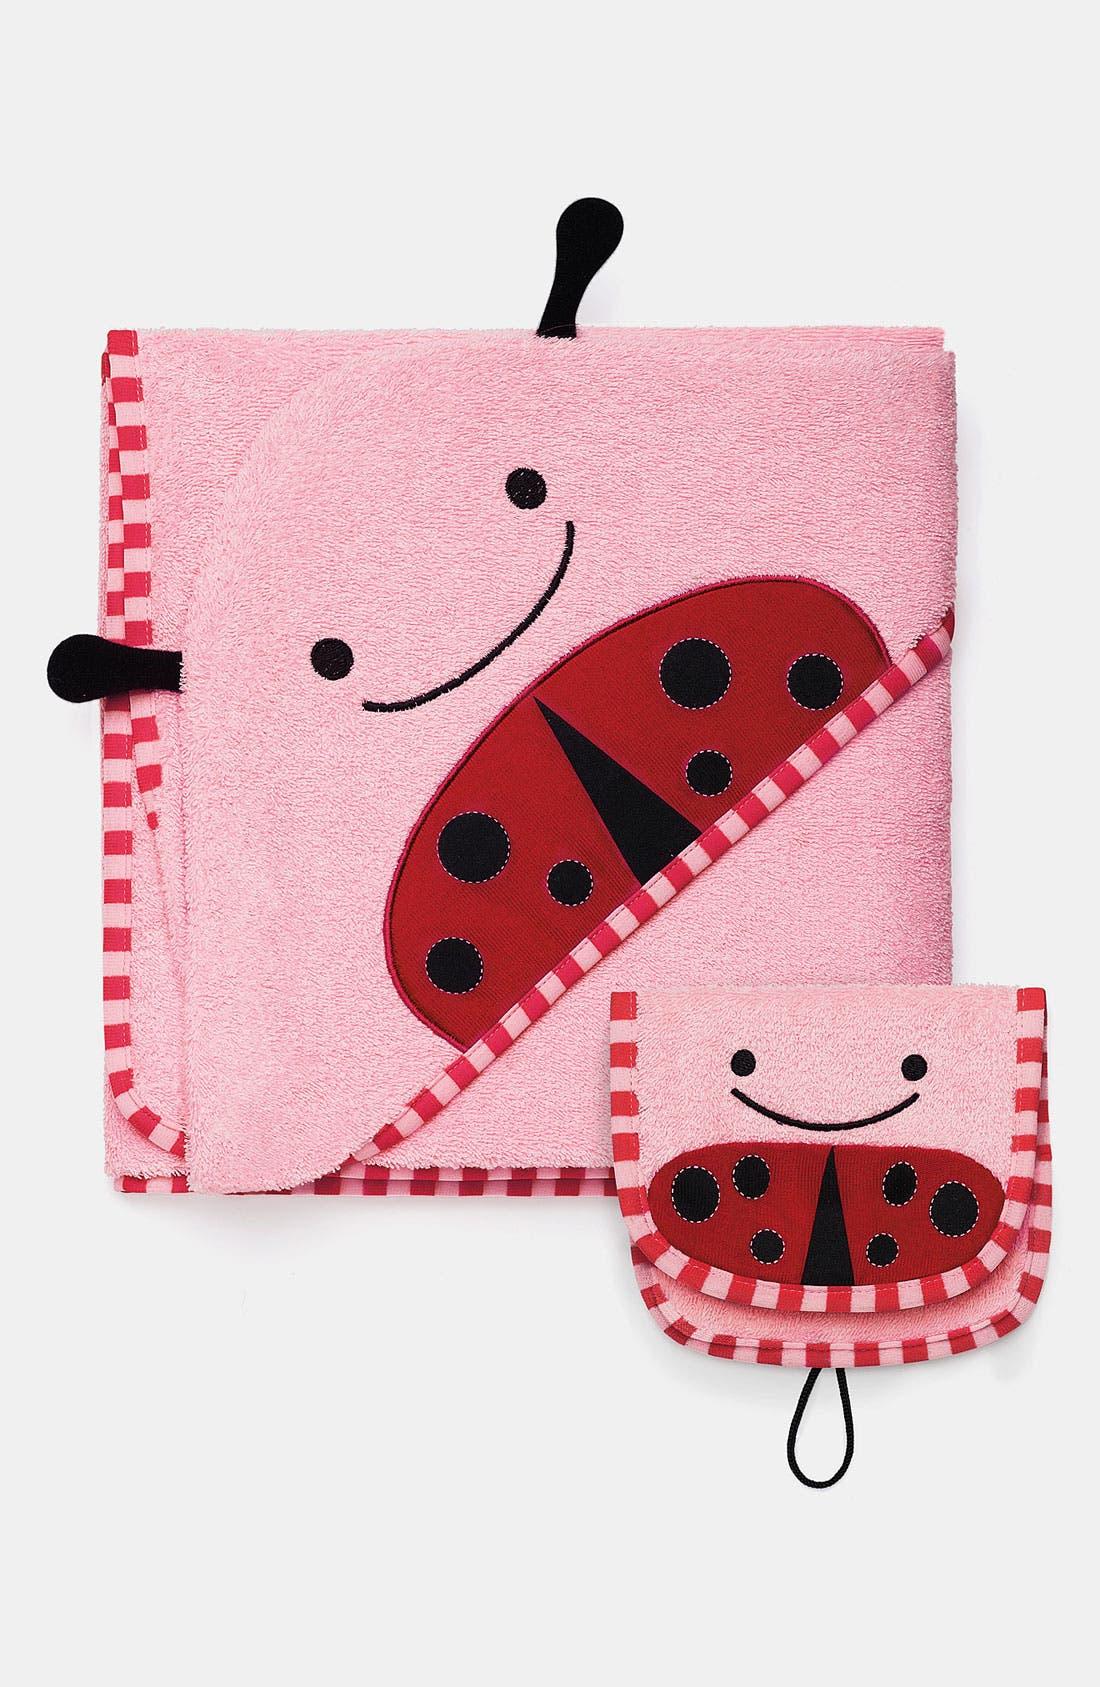 Alternate Image 1 Selected - Skip Hop 'Zoo' Hooded Towel (Baby)